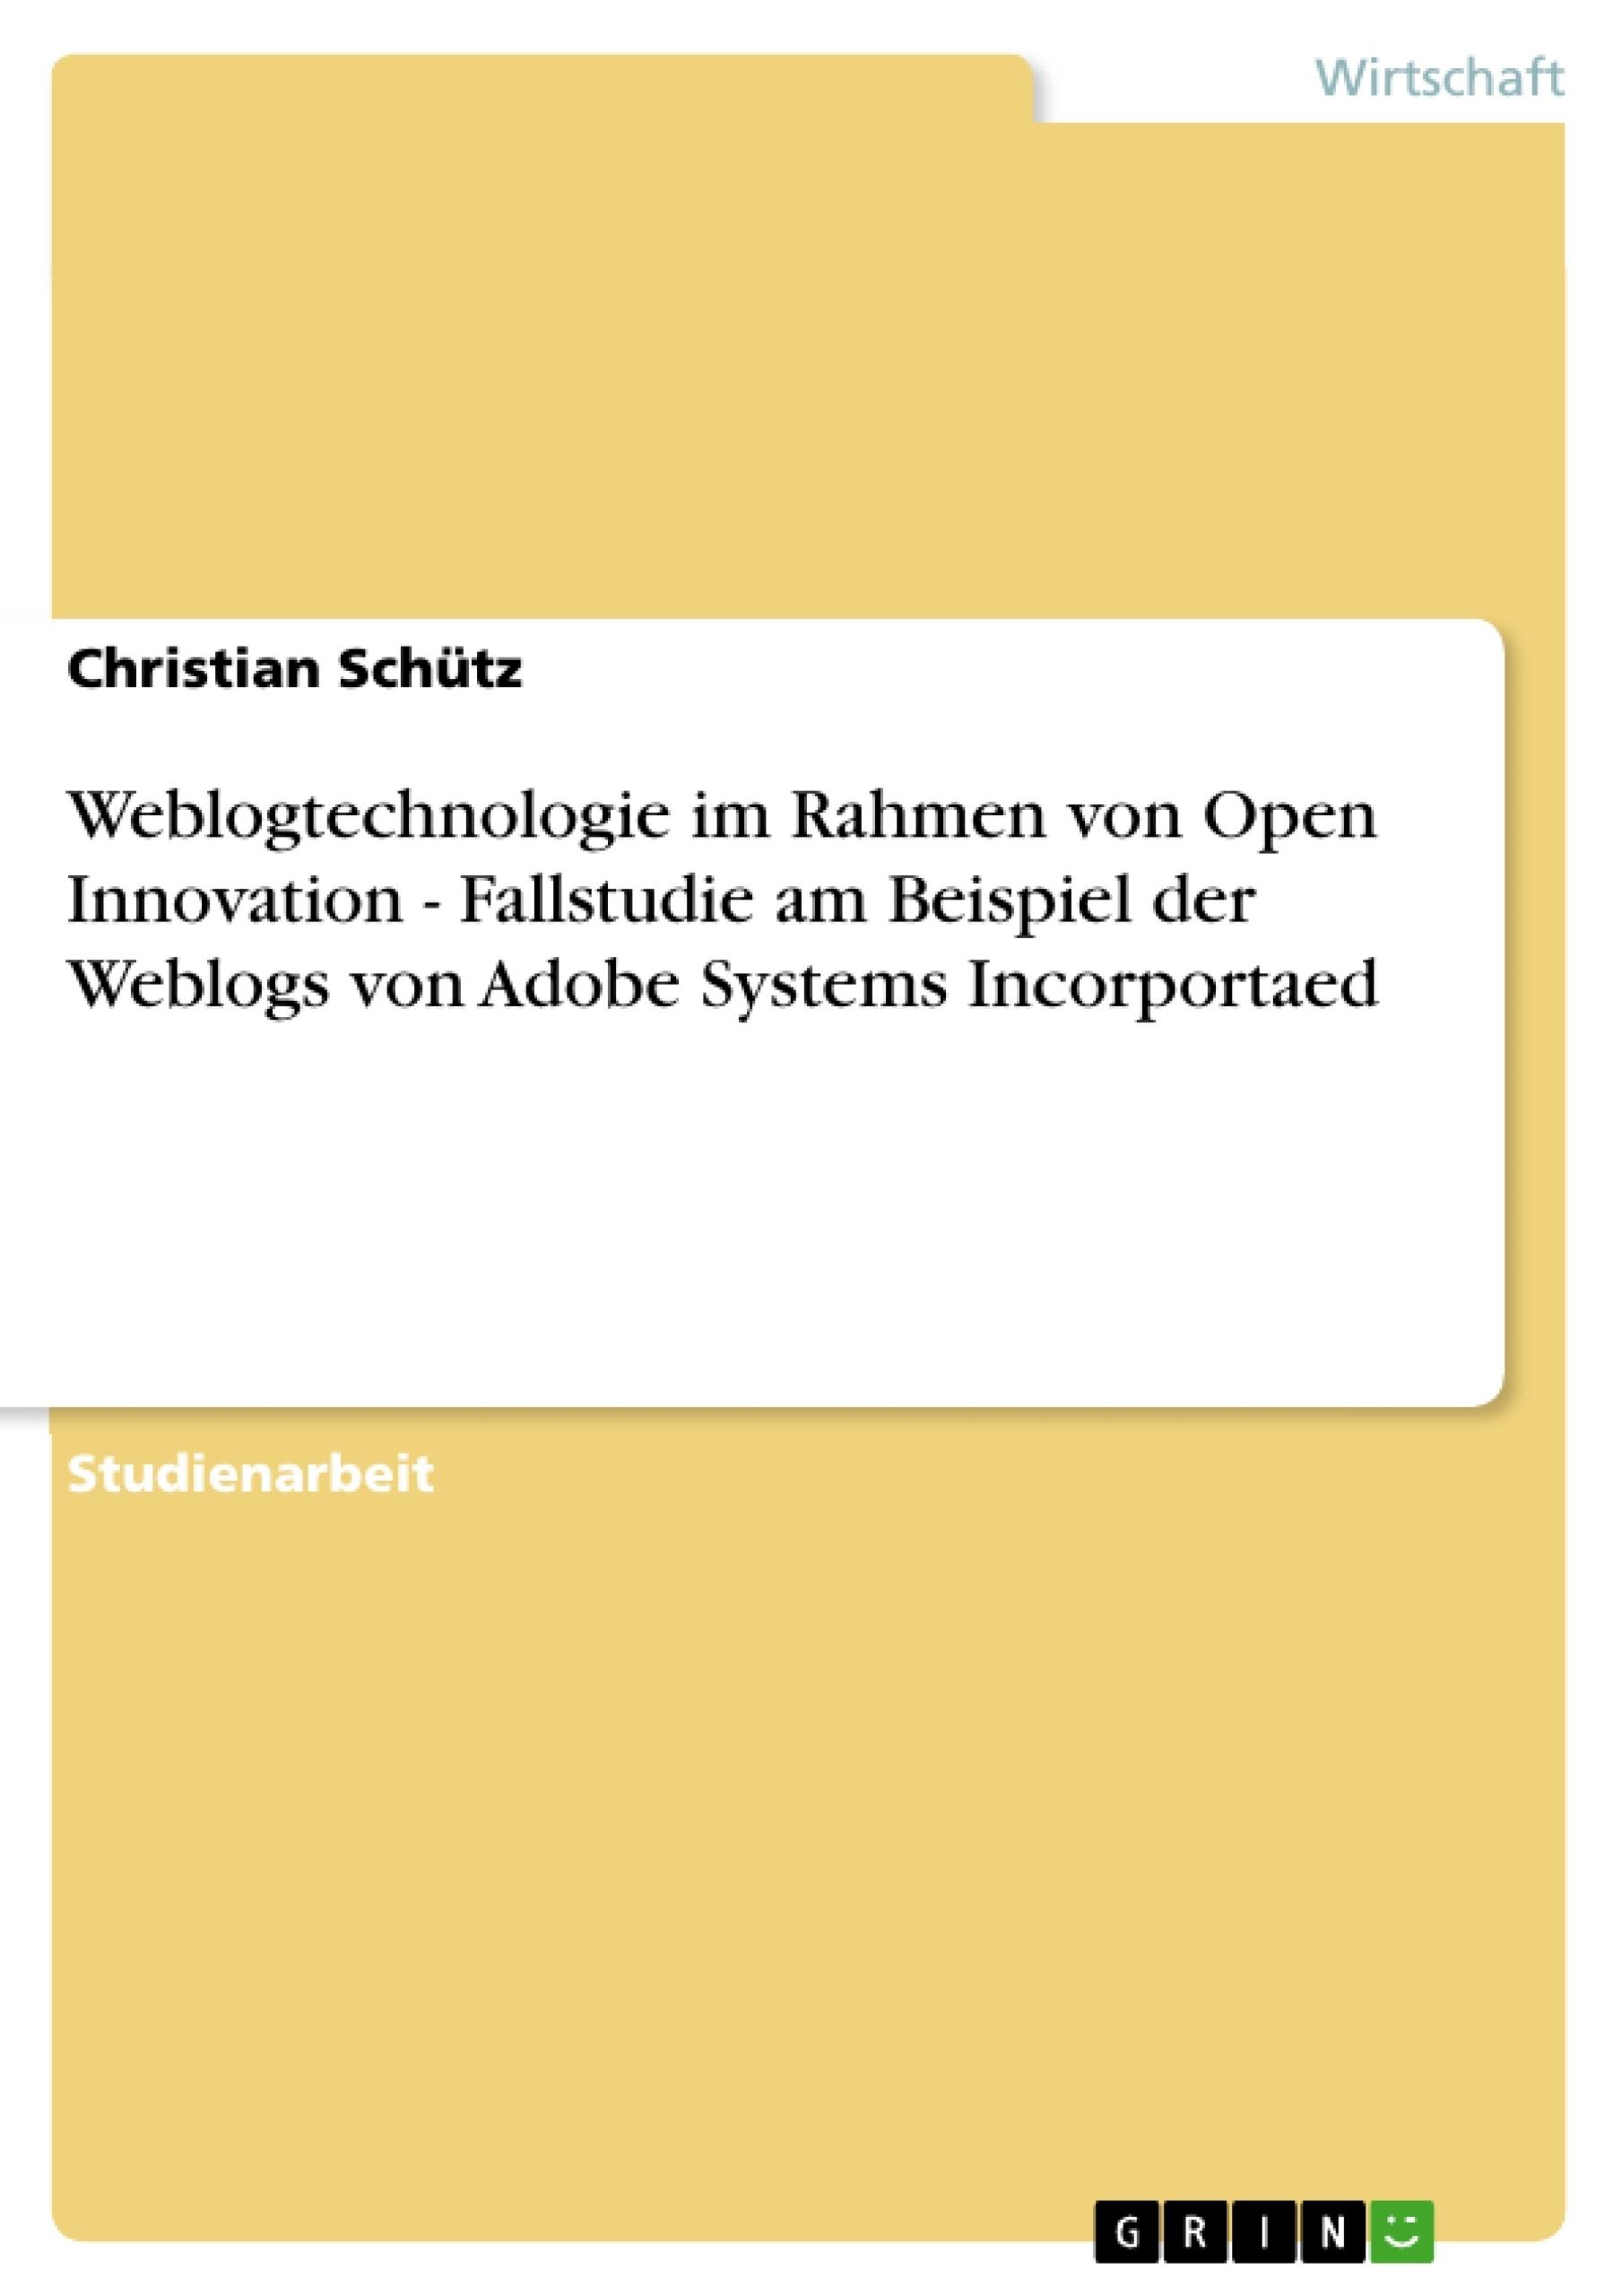 Titel: Weblogtechnologie im Rahmen von Open Innovation - Fallstudie am Beispiel der Weblogs von Adobe Systems Incorportaed